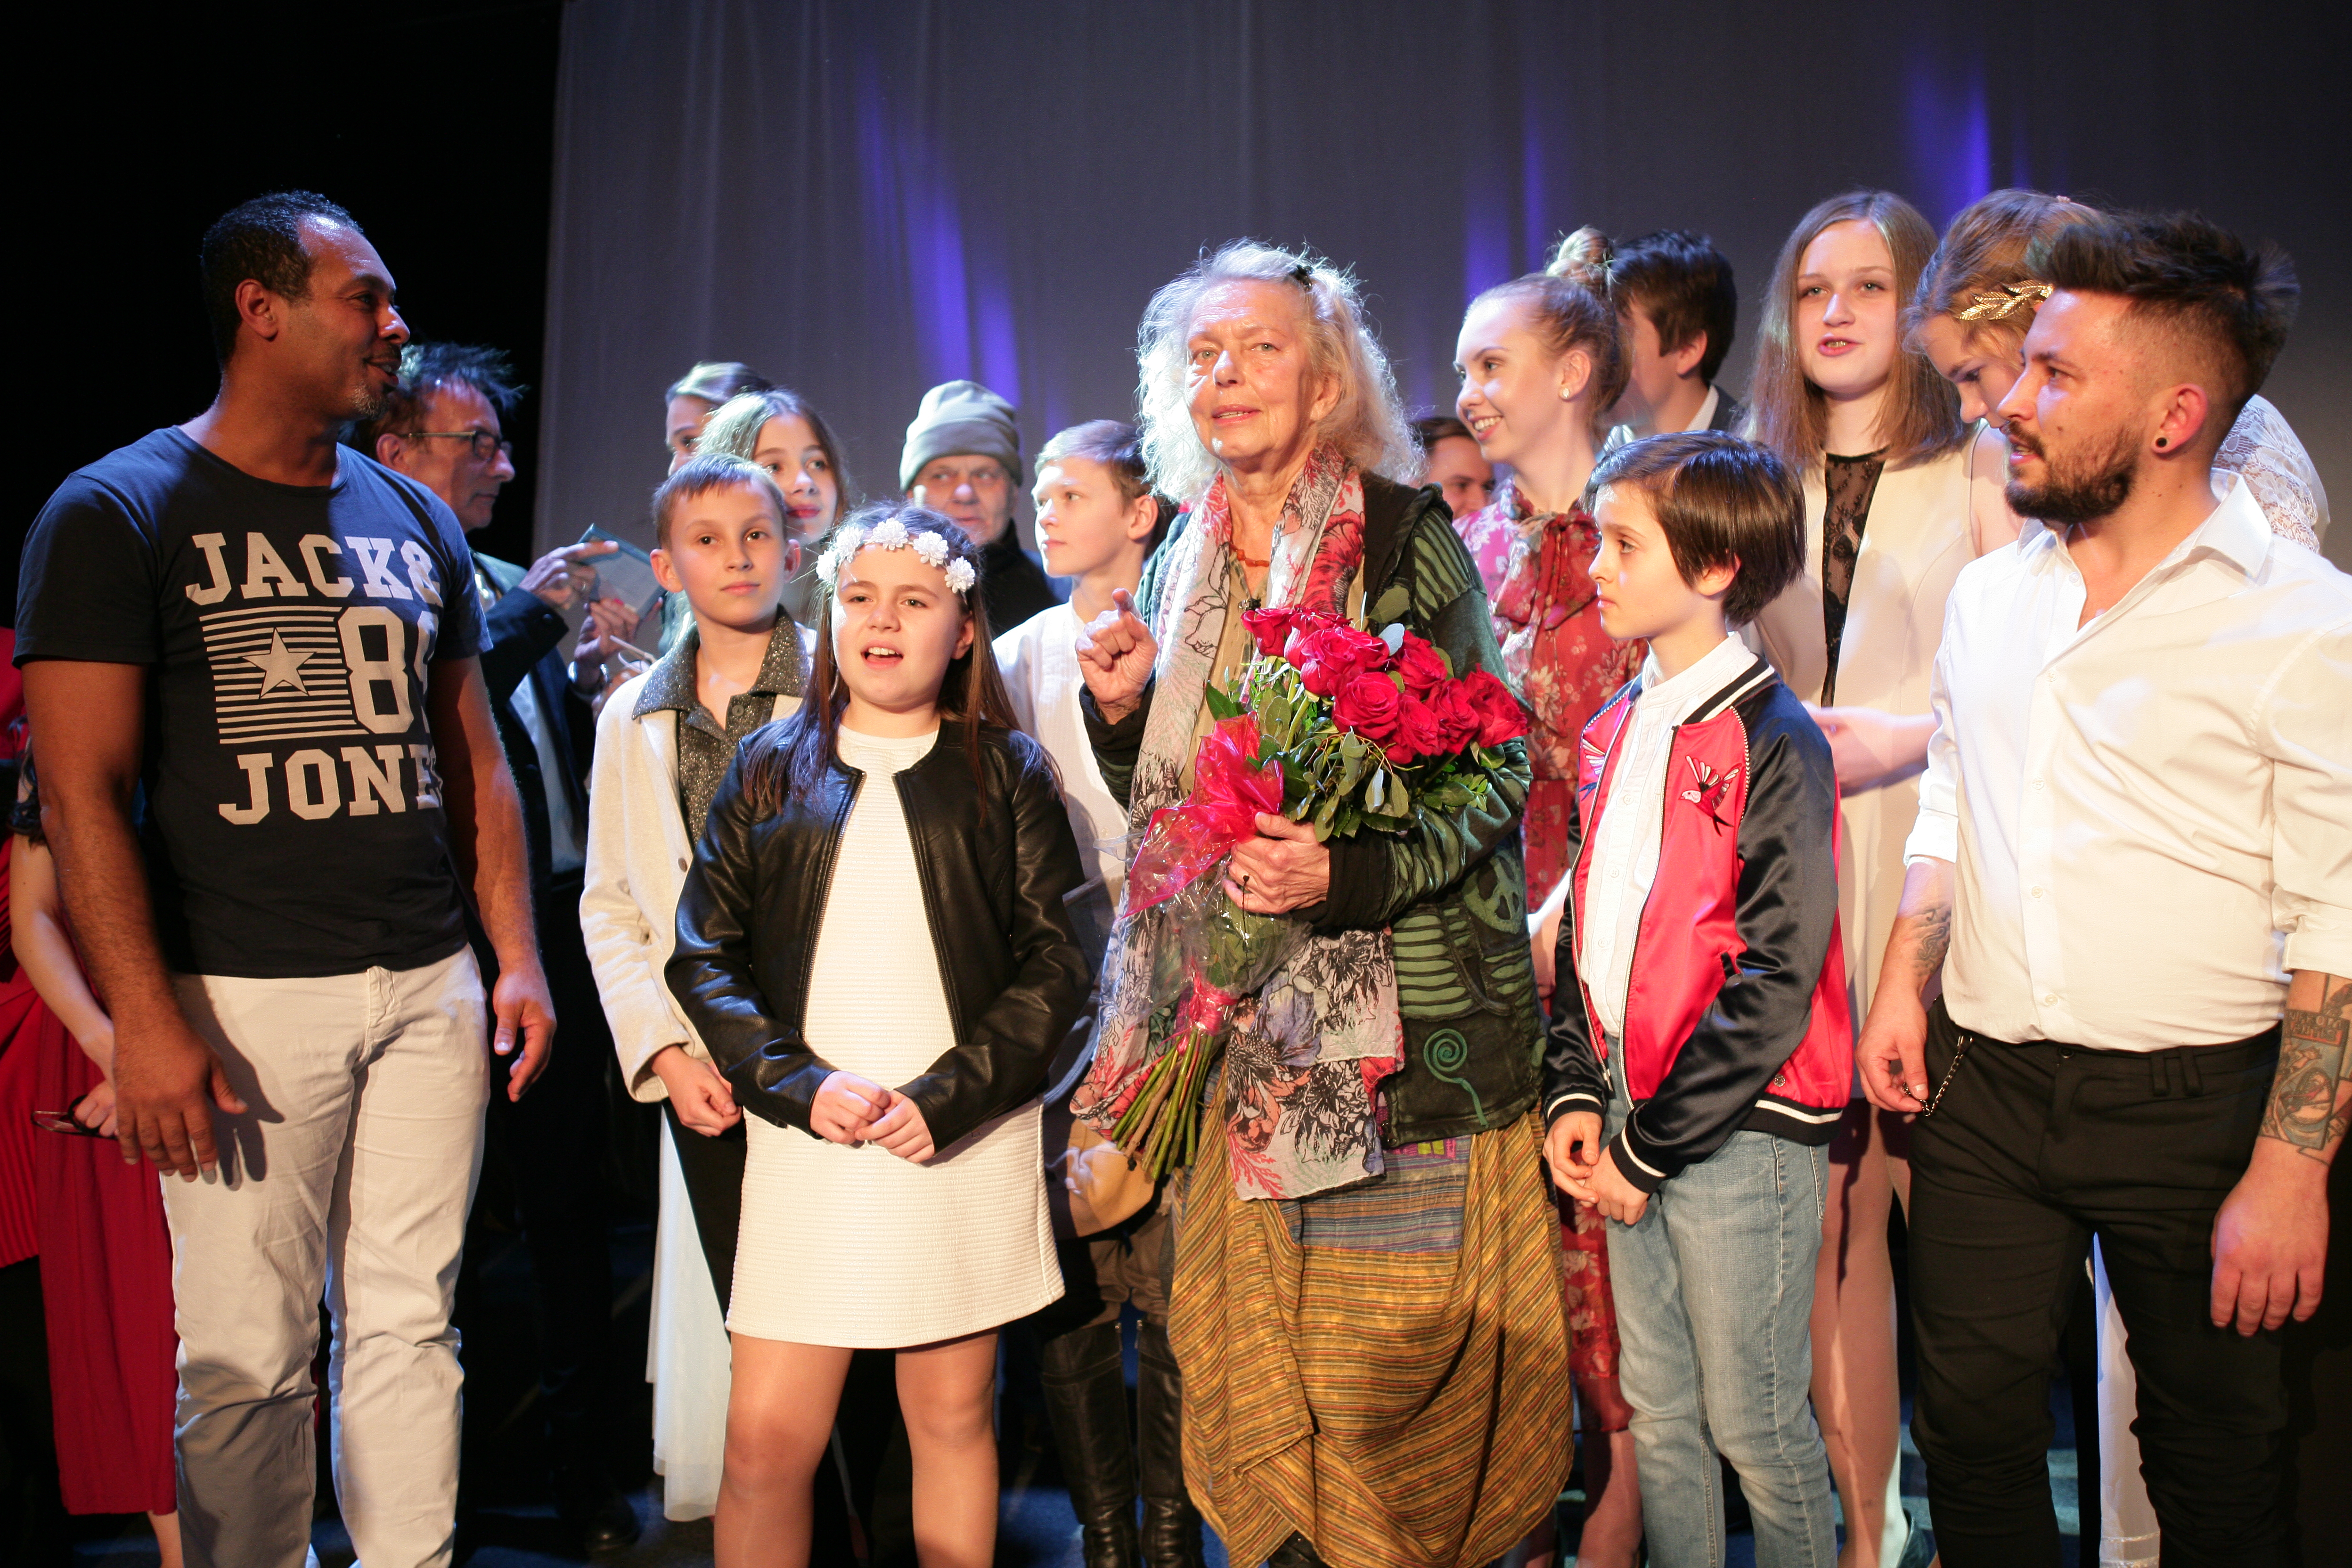 Zdjęcie przedstawia grupę ludzi na scenie. Starsza pani w środku grupy trzyma w rękach bukiet kwiatów.